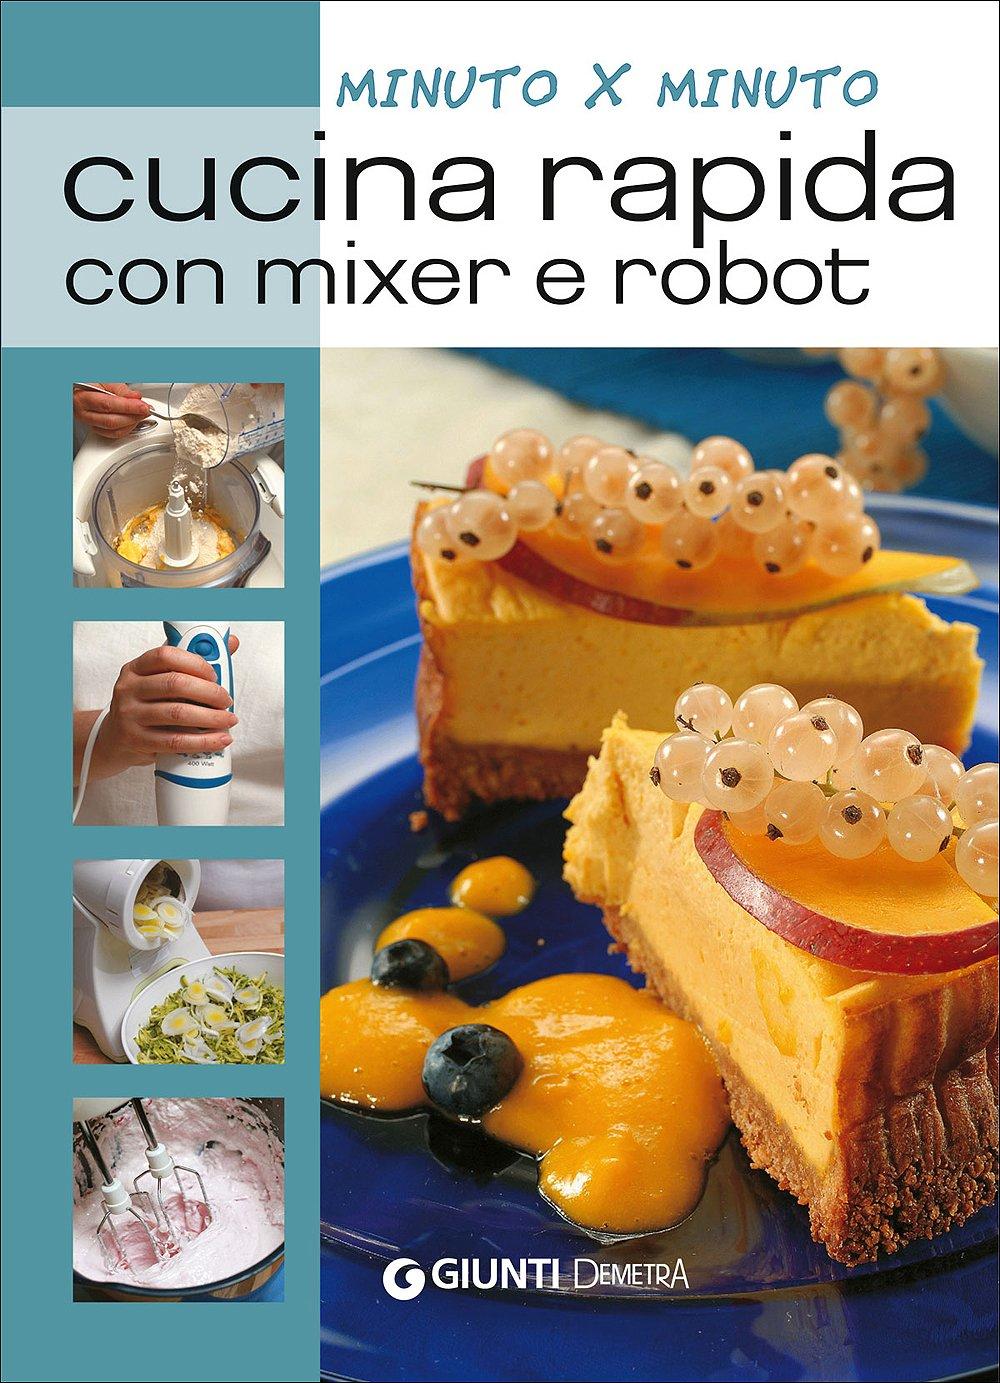 Cucina rapida con mixer e robot Cucina minuto per minuto: Amazon.es: Libros en idiomas extranjeros